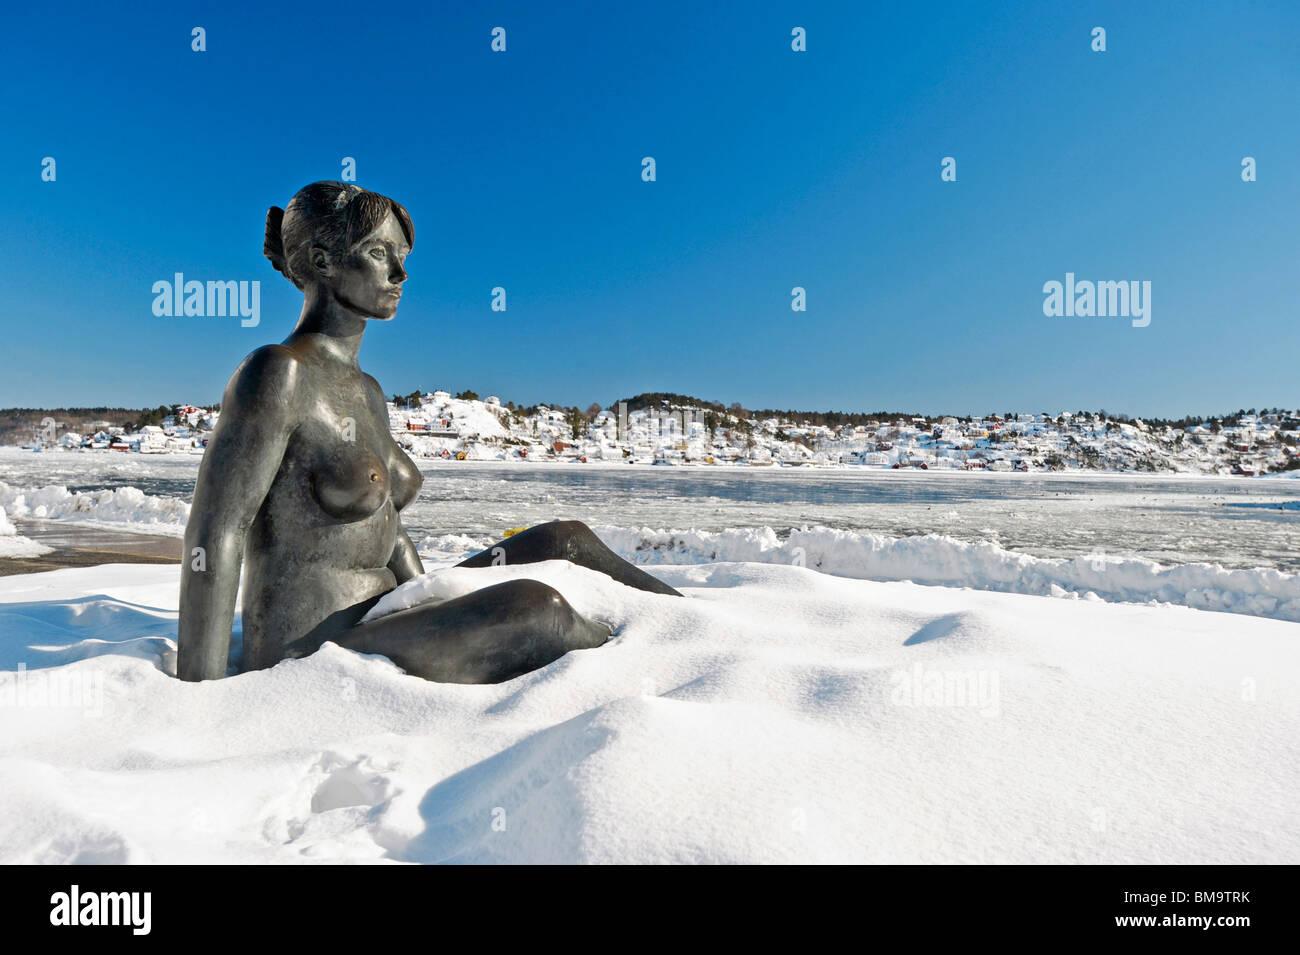 Statua in profondo neve invernale sul lungomare a Arendal con vista attraverso le acque congelate del porto Immagini Stock